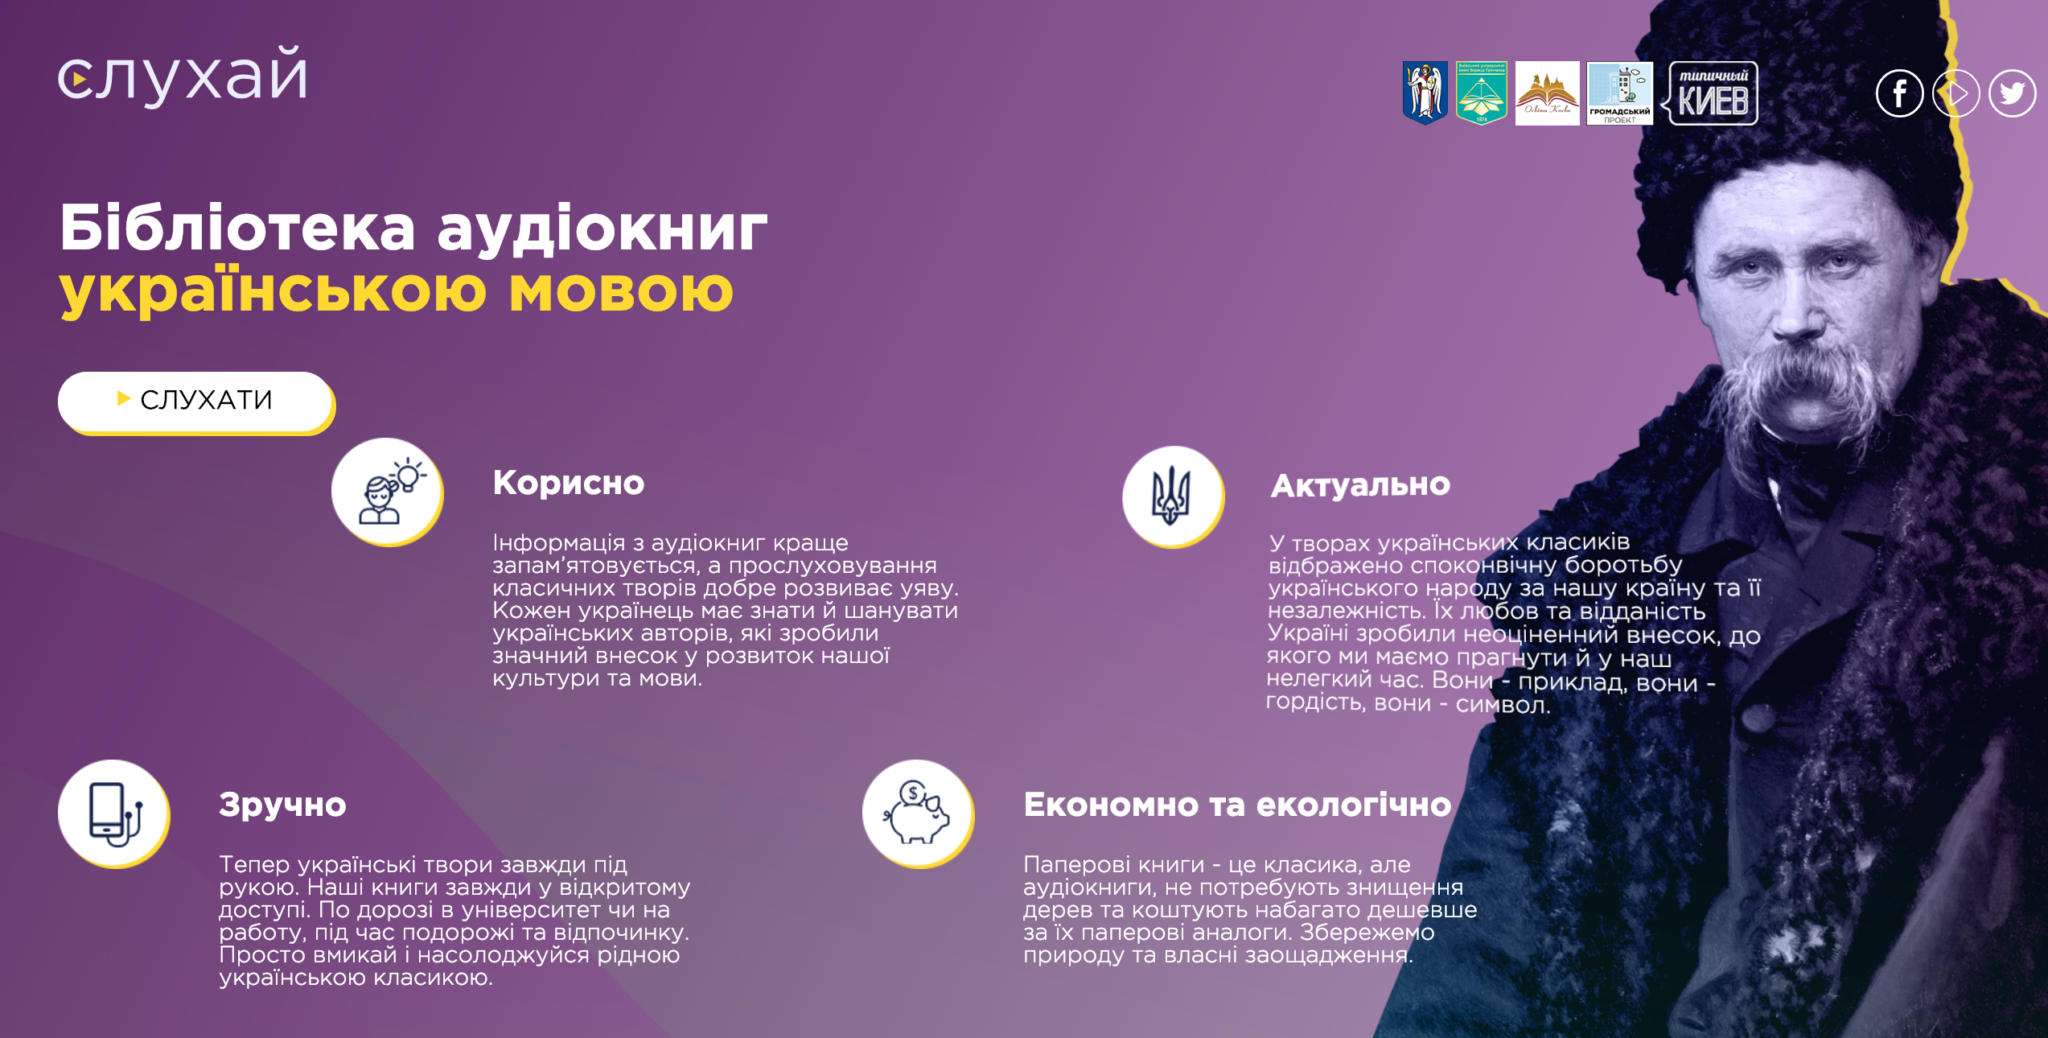 """Результат пошуку зображень за запитом """"Бібліотека аудіокниг українською мовою"""""""